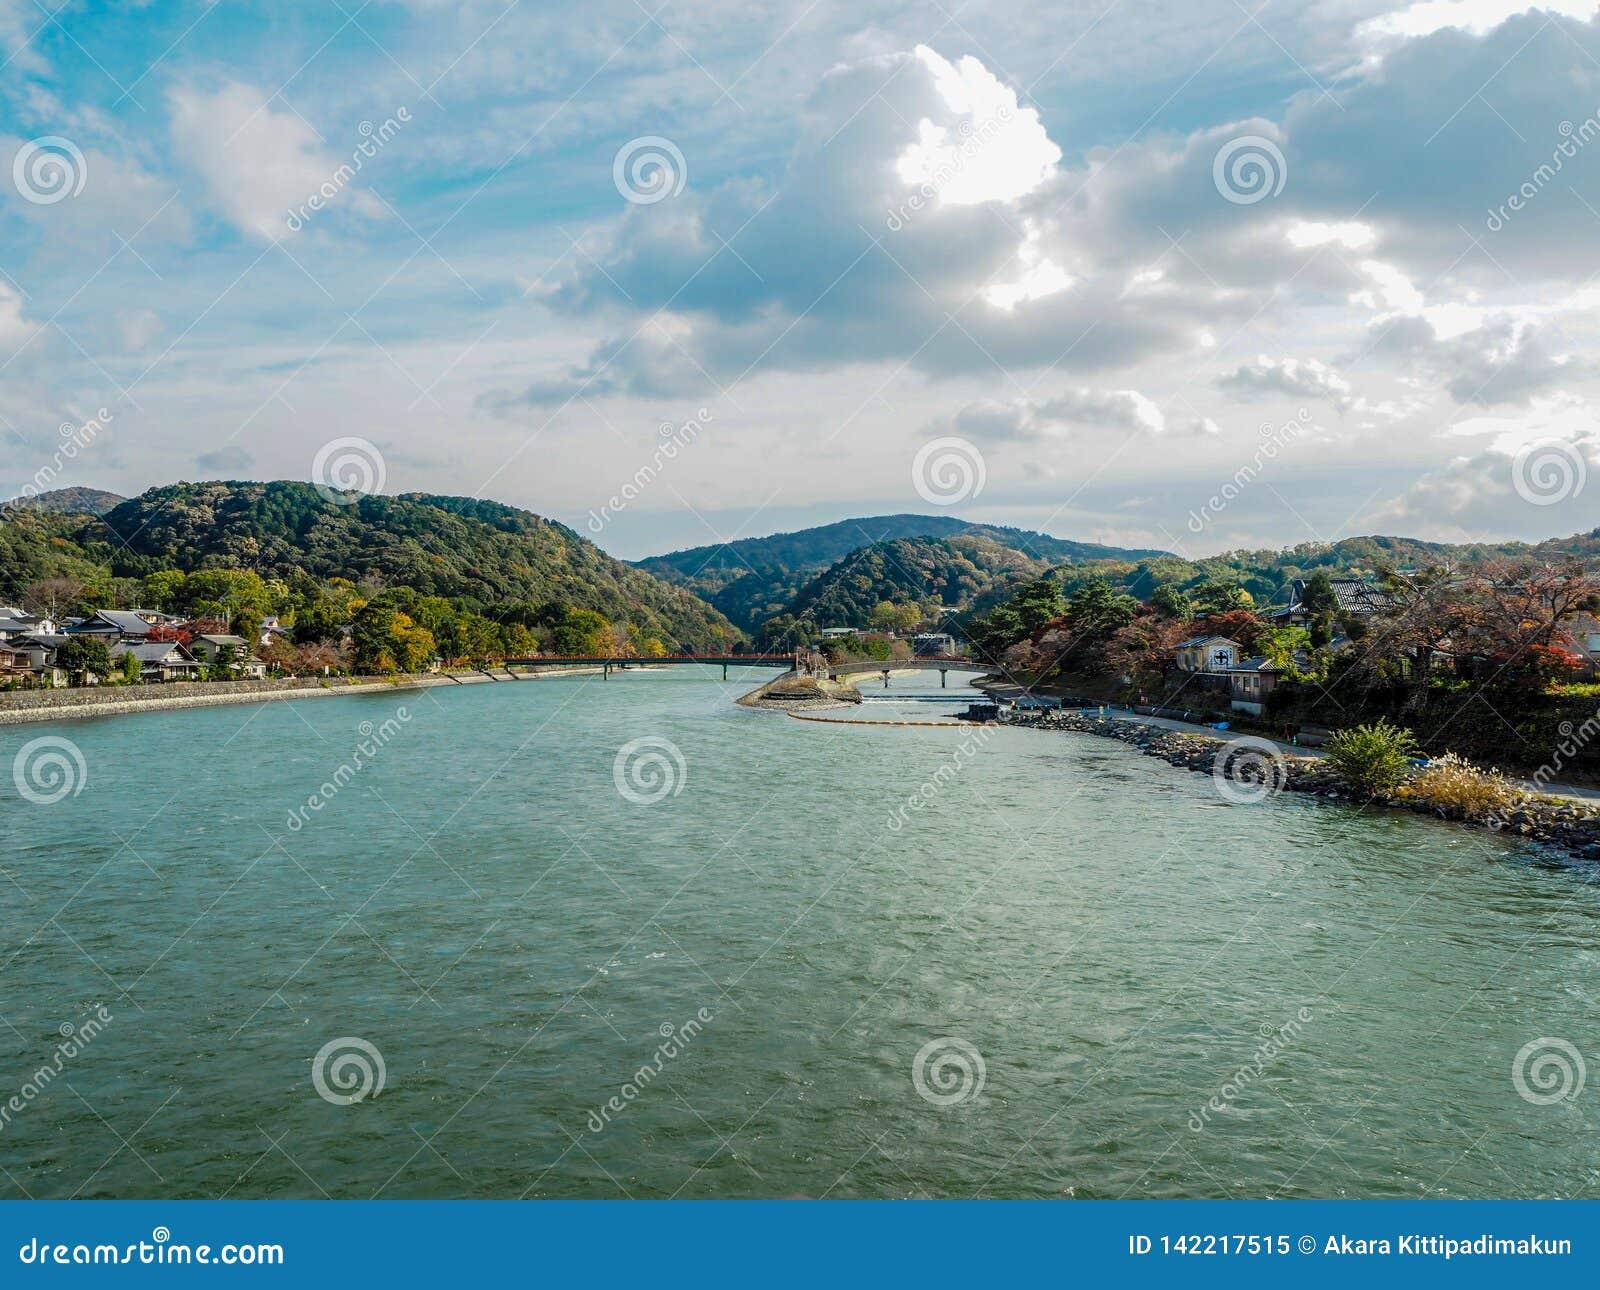 De rivier in het midden van een kleine stad met bergen en bewolkte hemelachtergrond